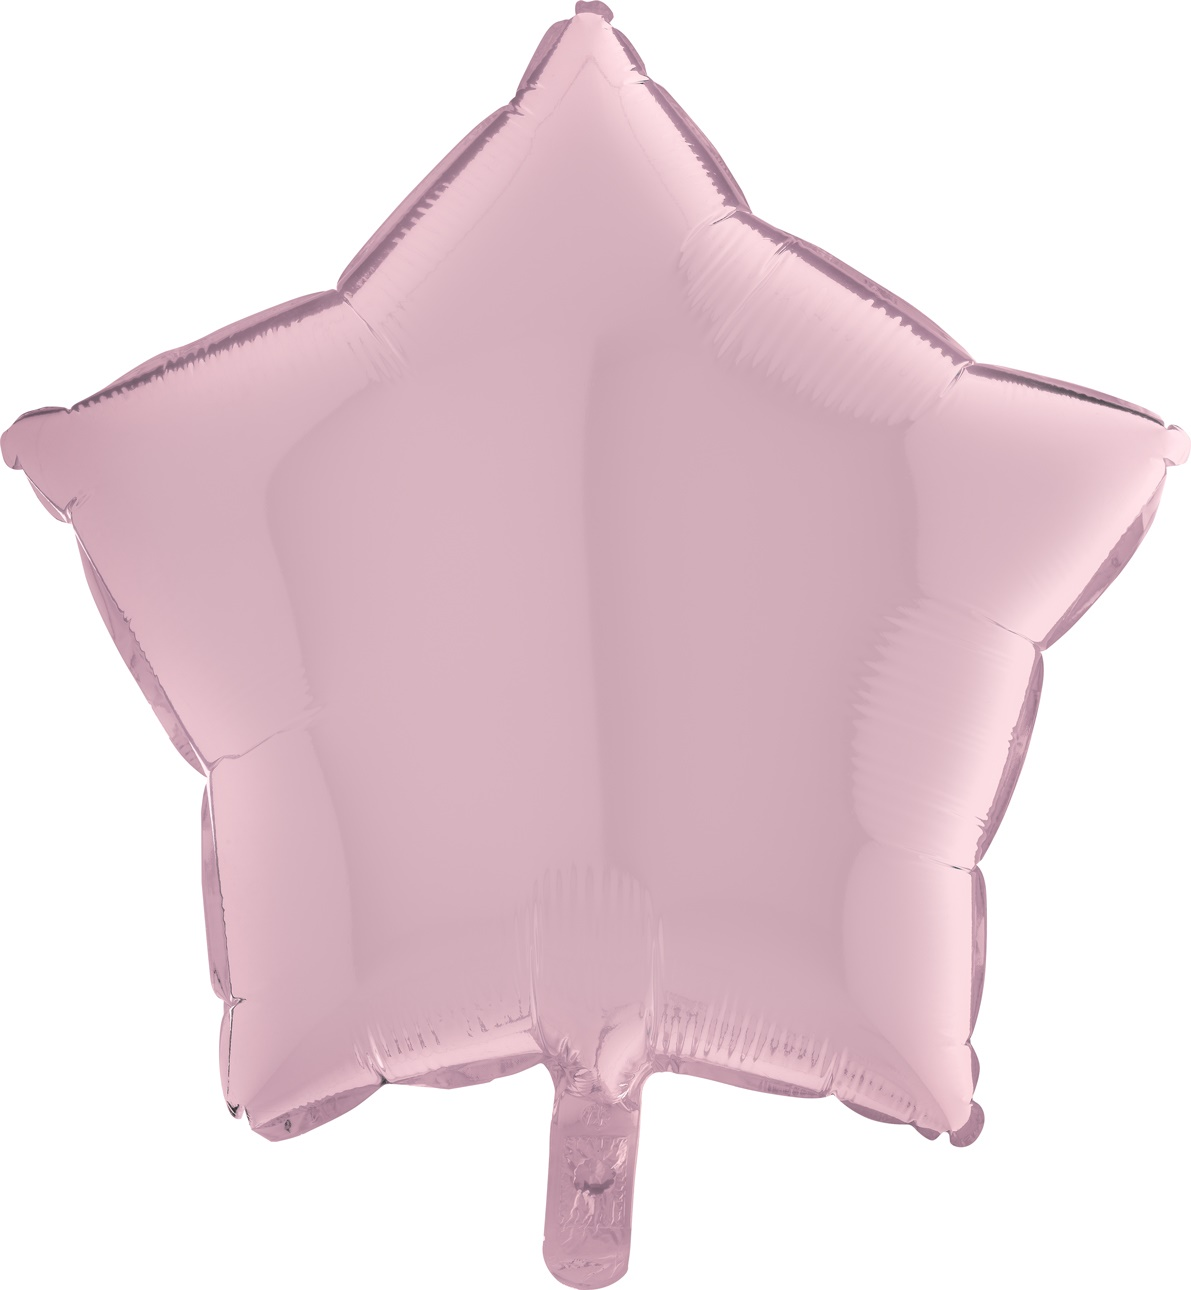 Pastelově růžová hvězda